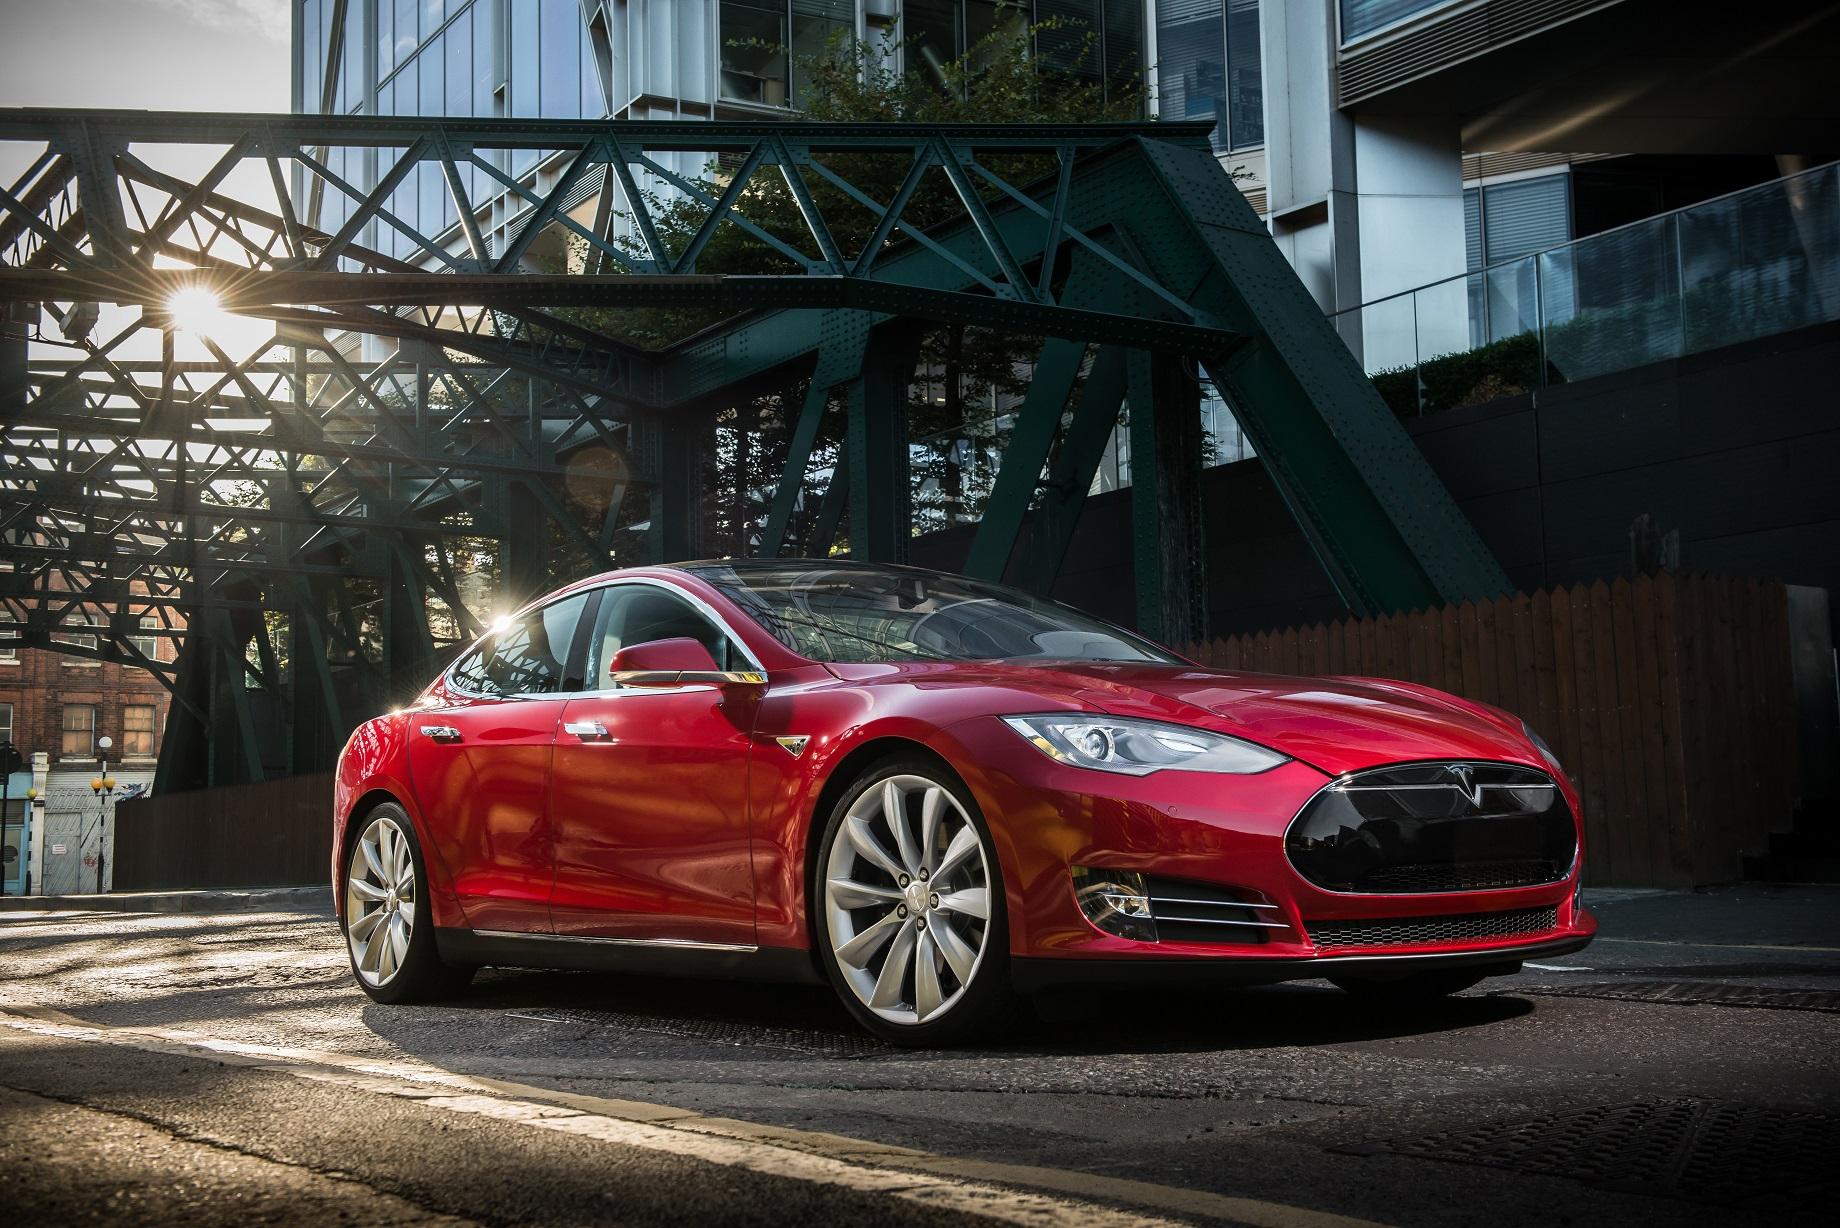 Det ble funnet en DVD-spiller i Teslaen som var involvert i en dødskrasj.